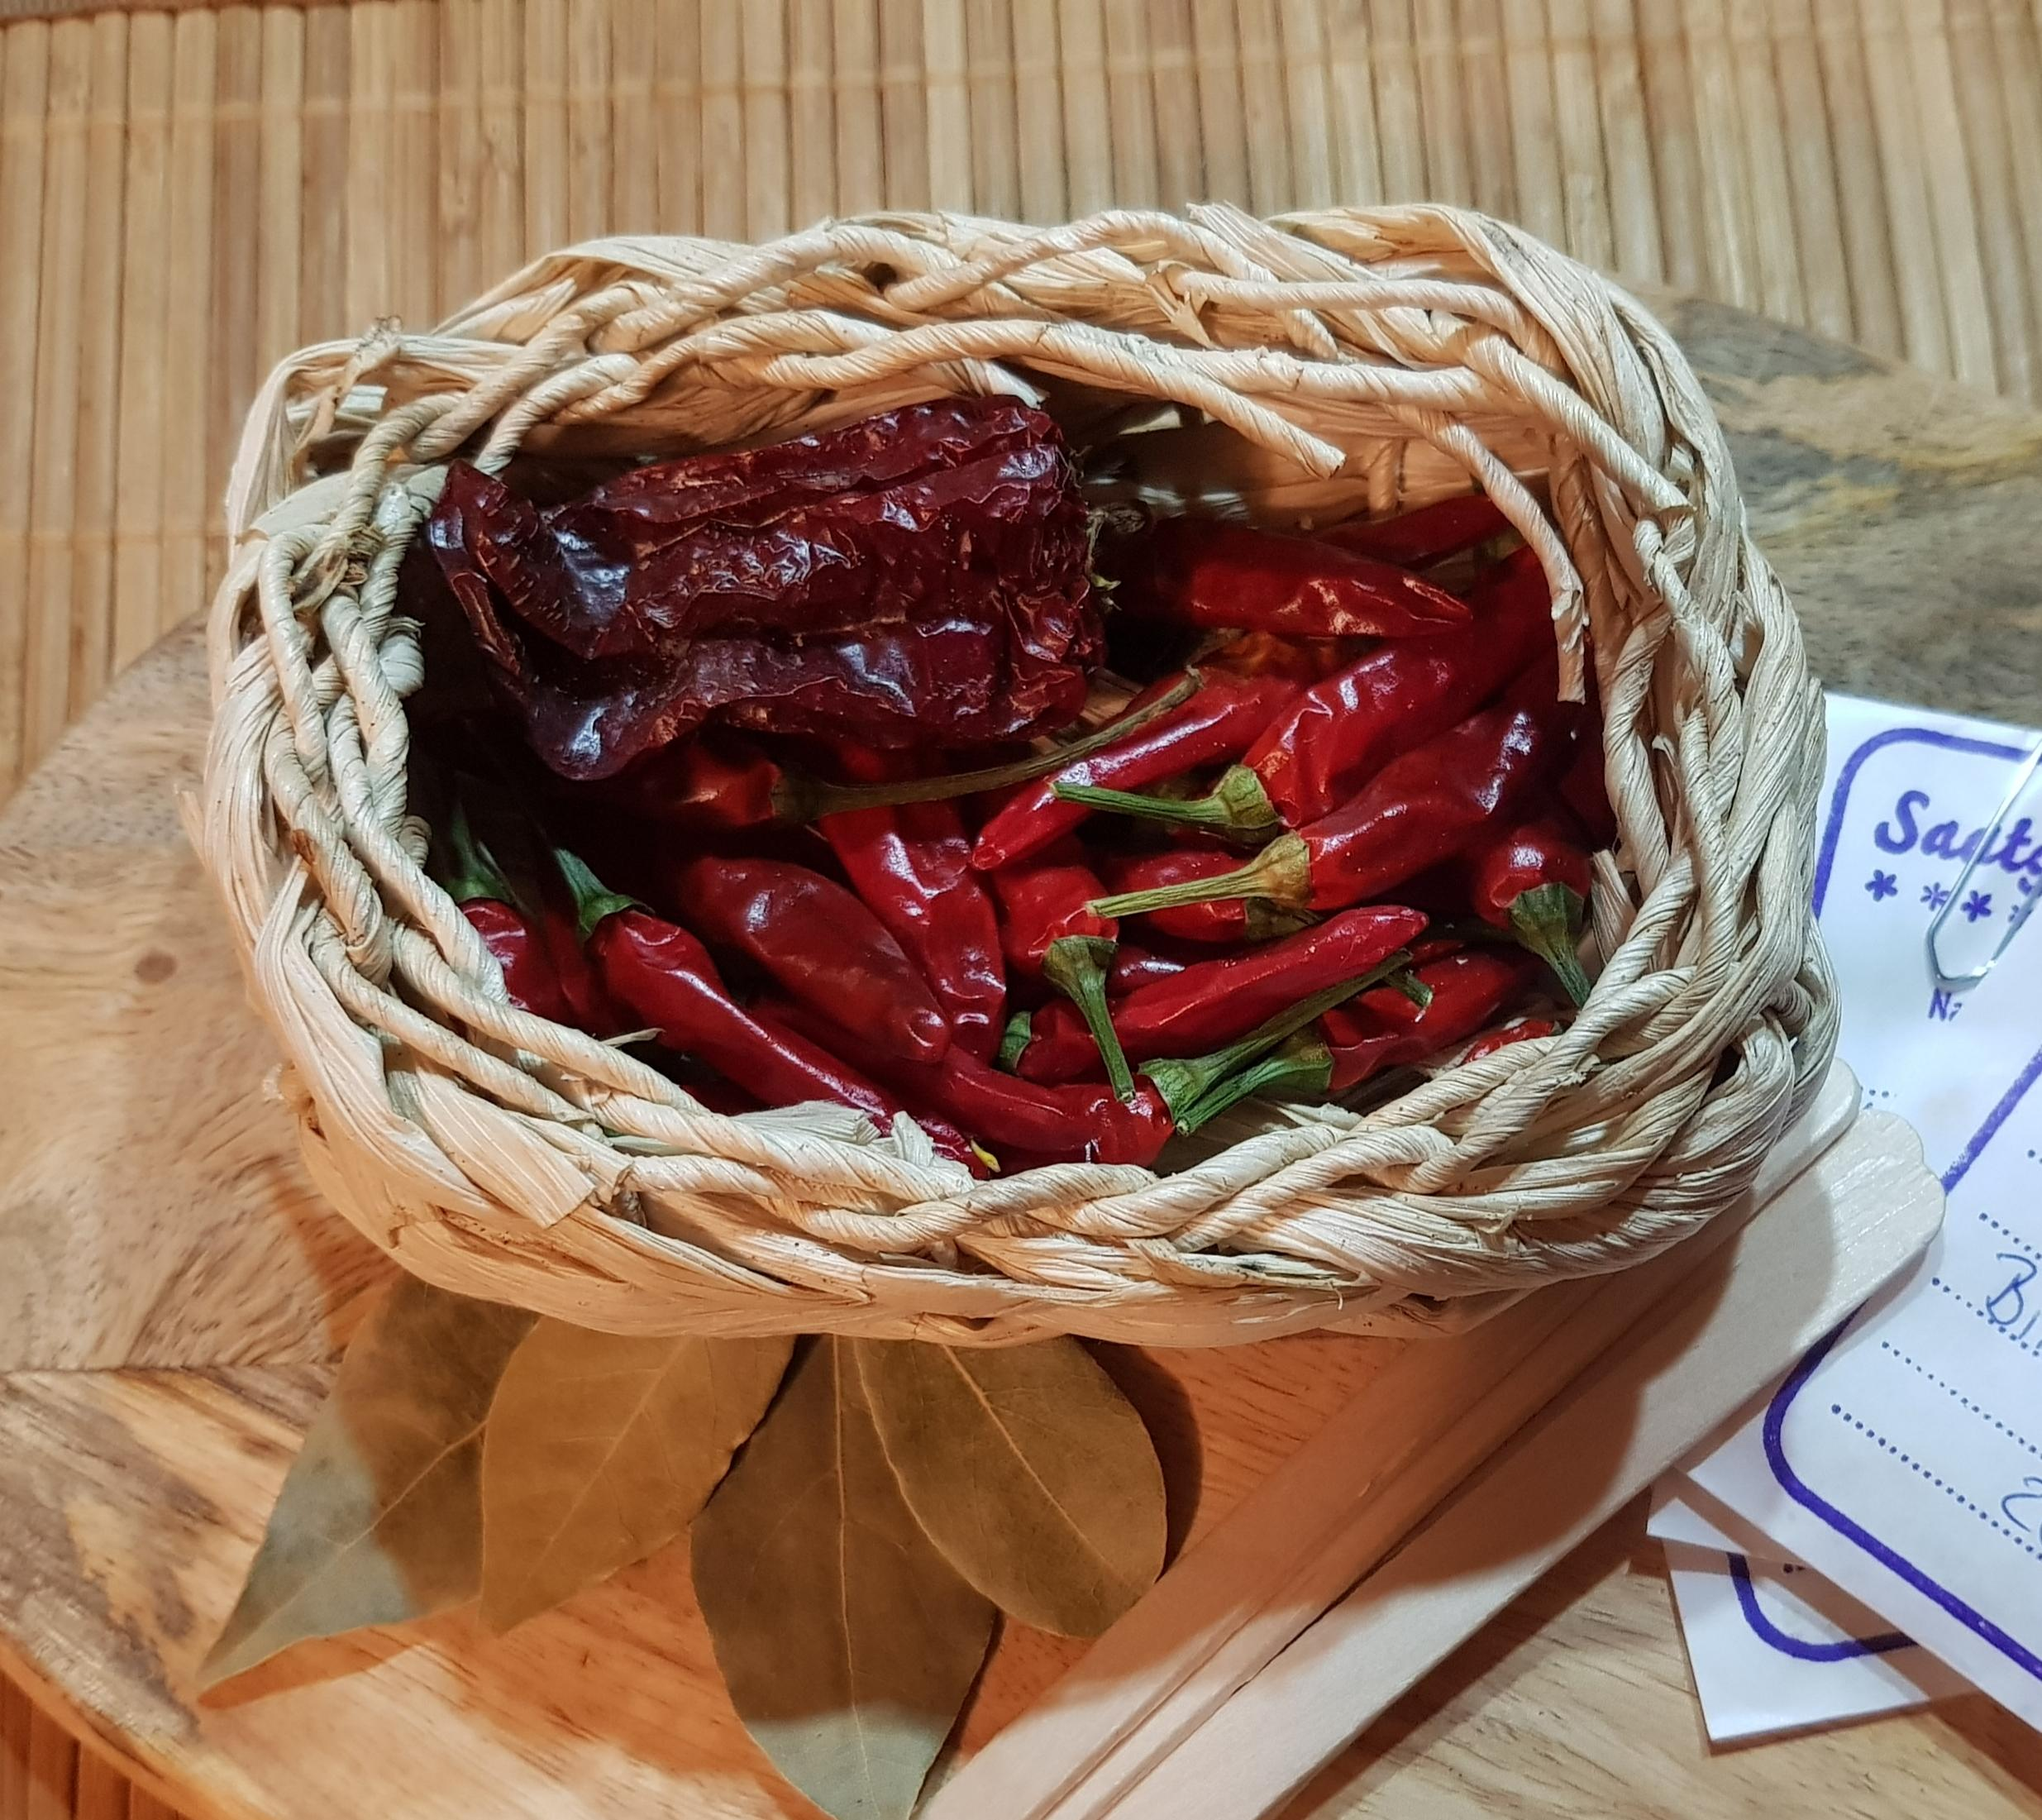 Peperoni und Chilis lassen sich leicht trocknen und haltbar machen.